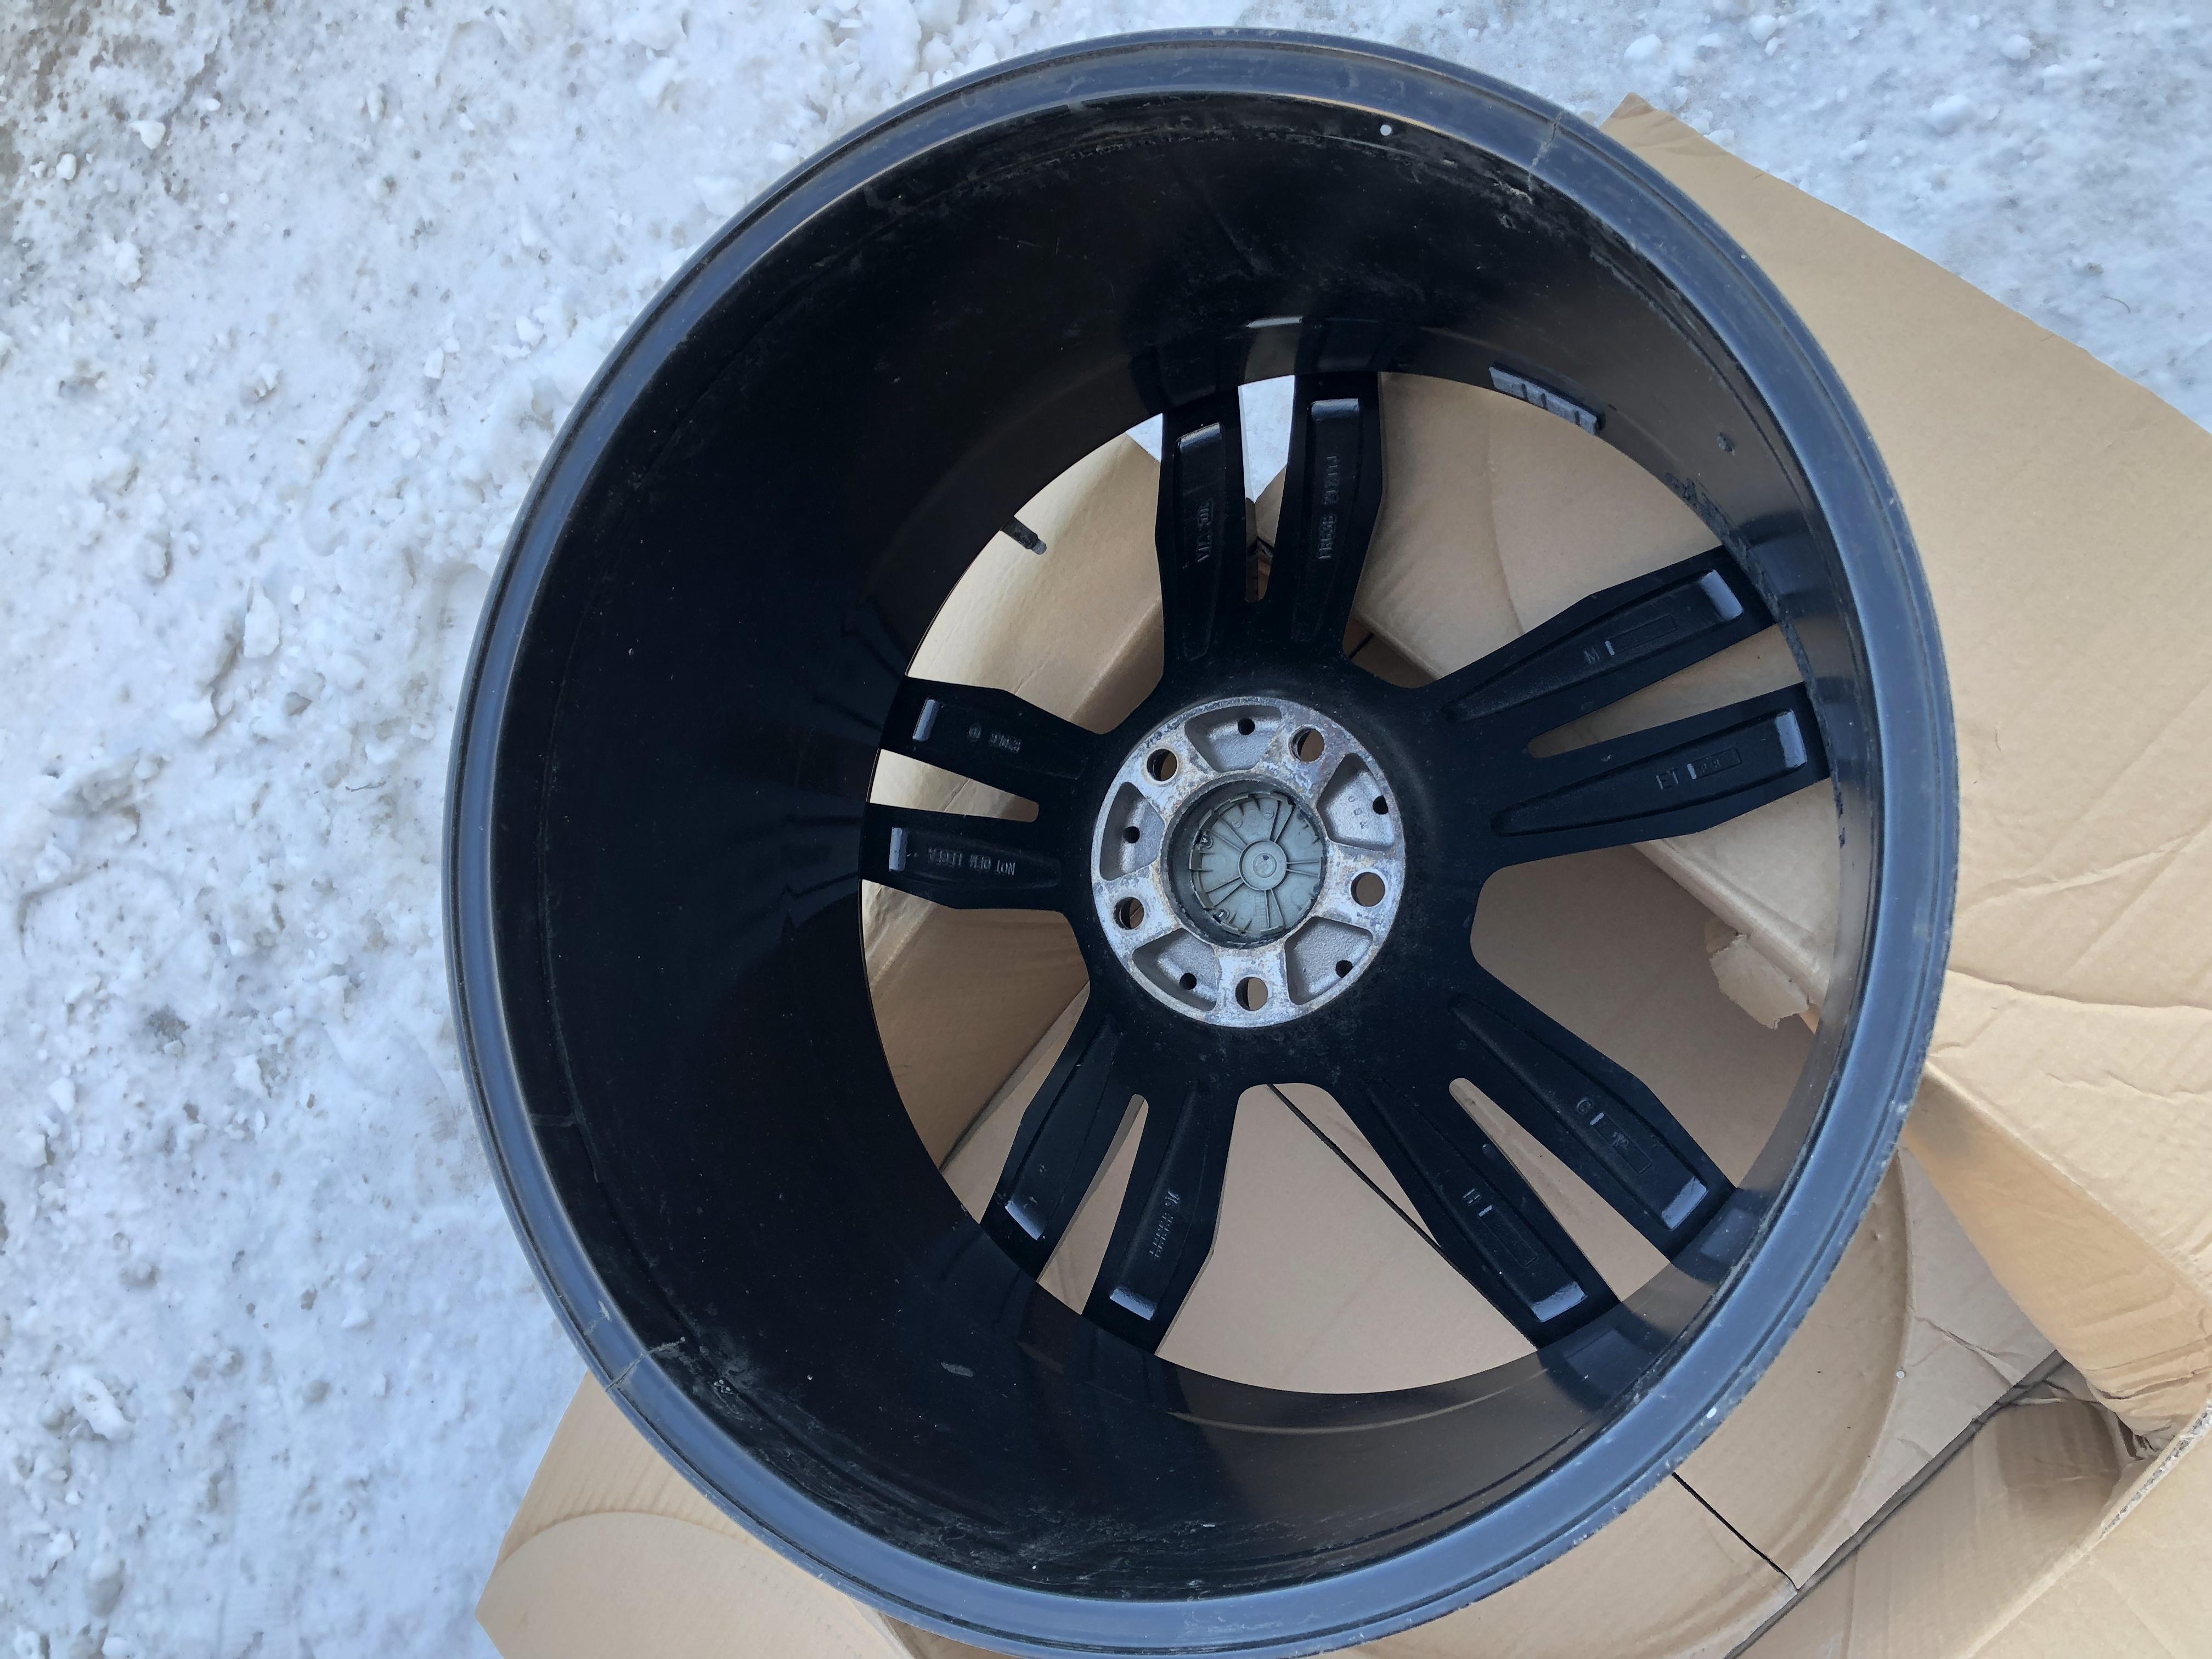 B4D546E6-1750-4F3B-A49E-36BD41C03536.jpeg